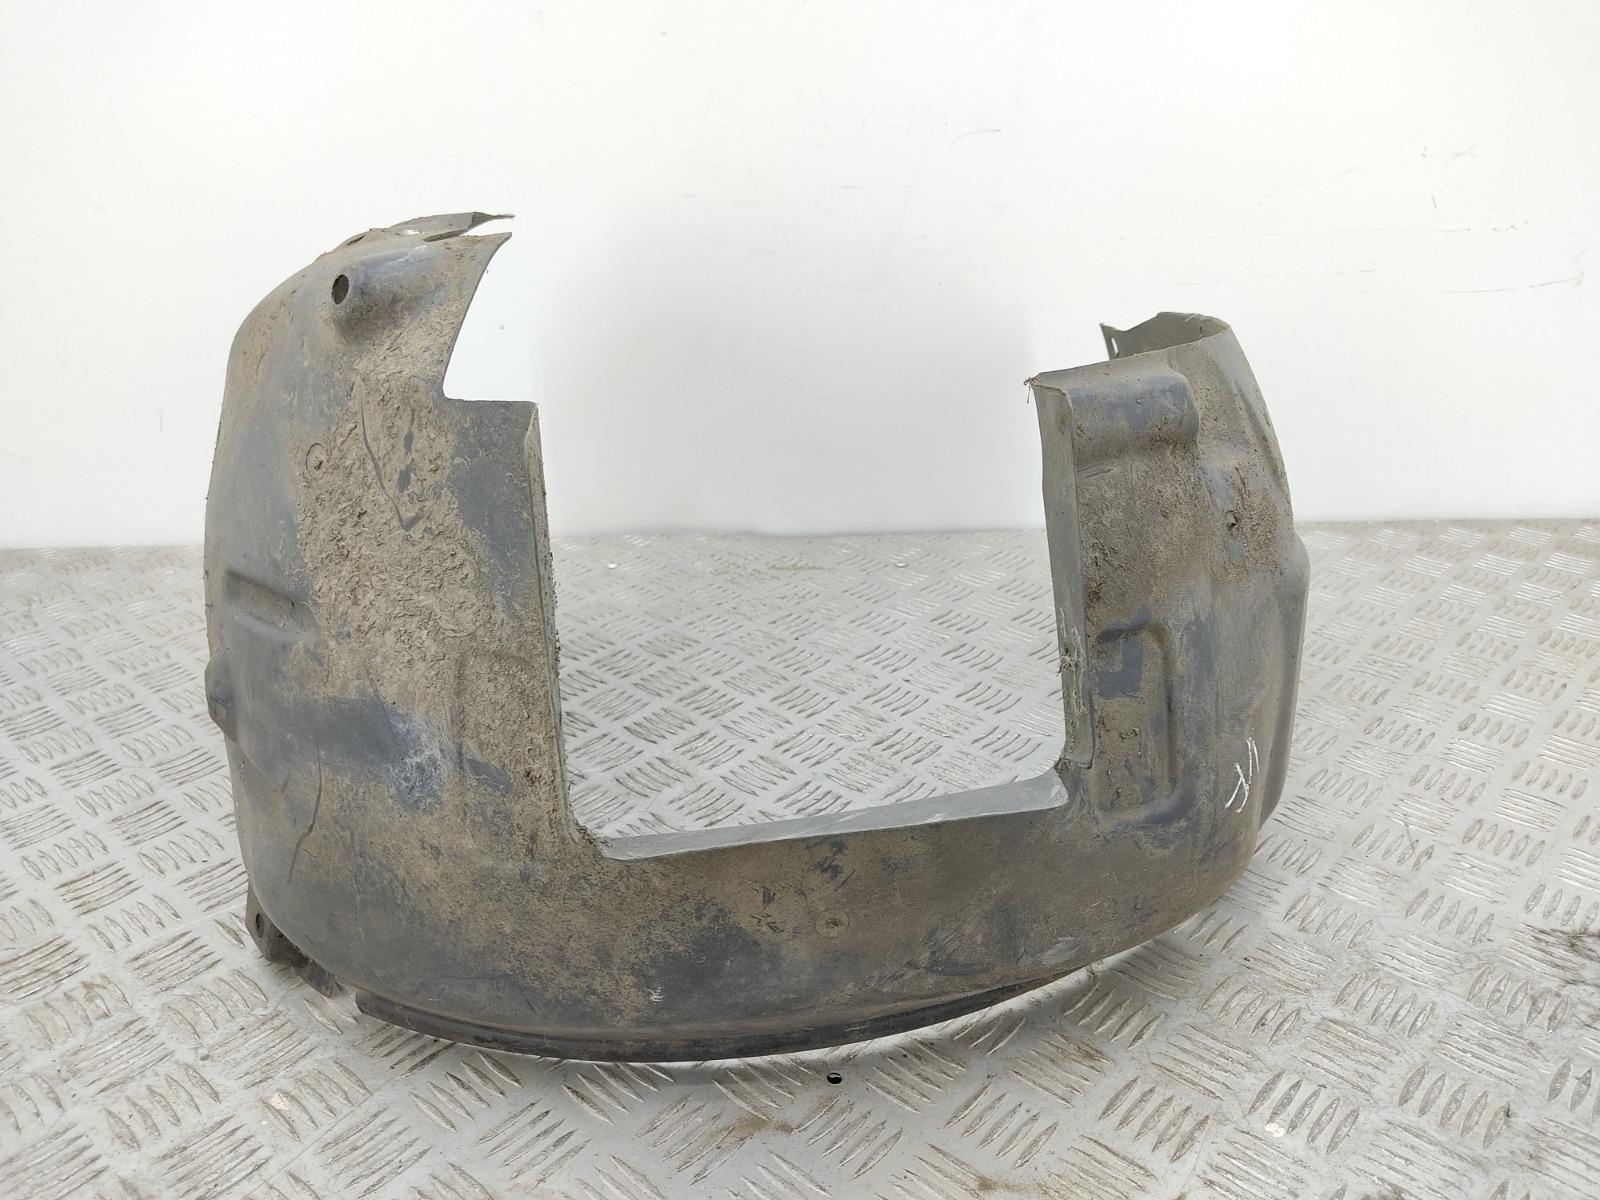 Защита арок передняя левая (подкрылок) Opel Meriva 1.7 CDTI 2004 (б/у)